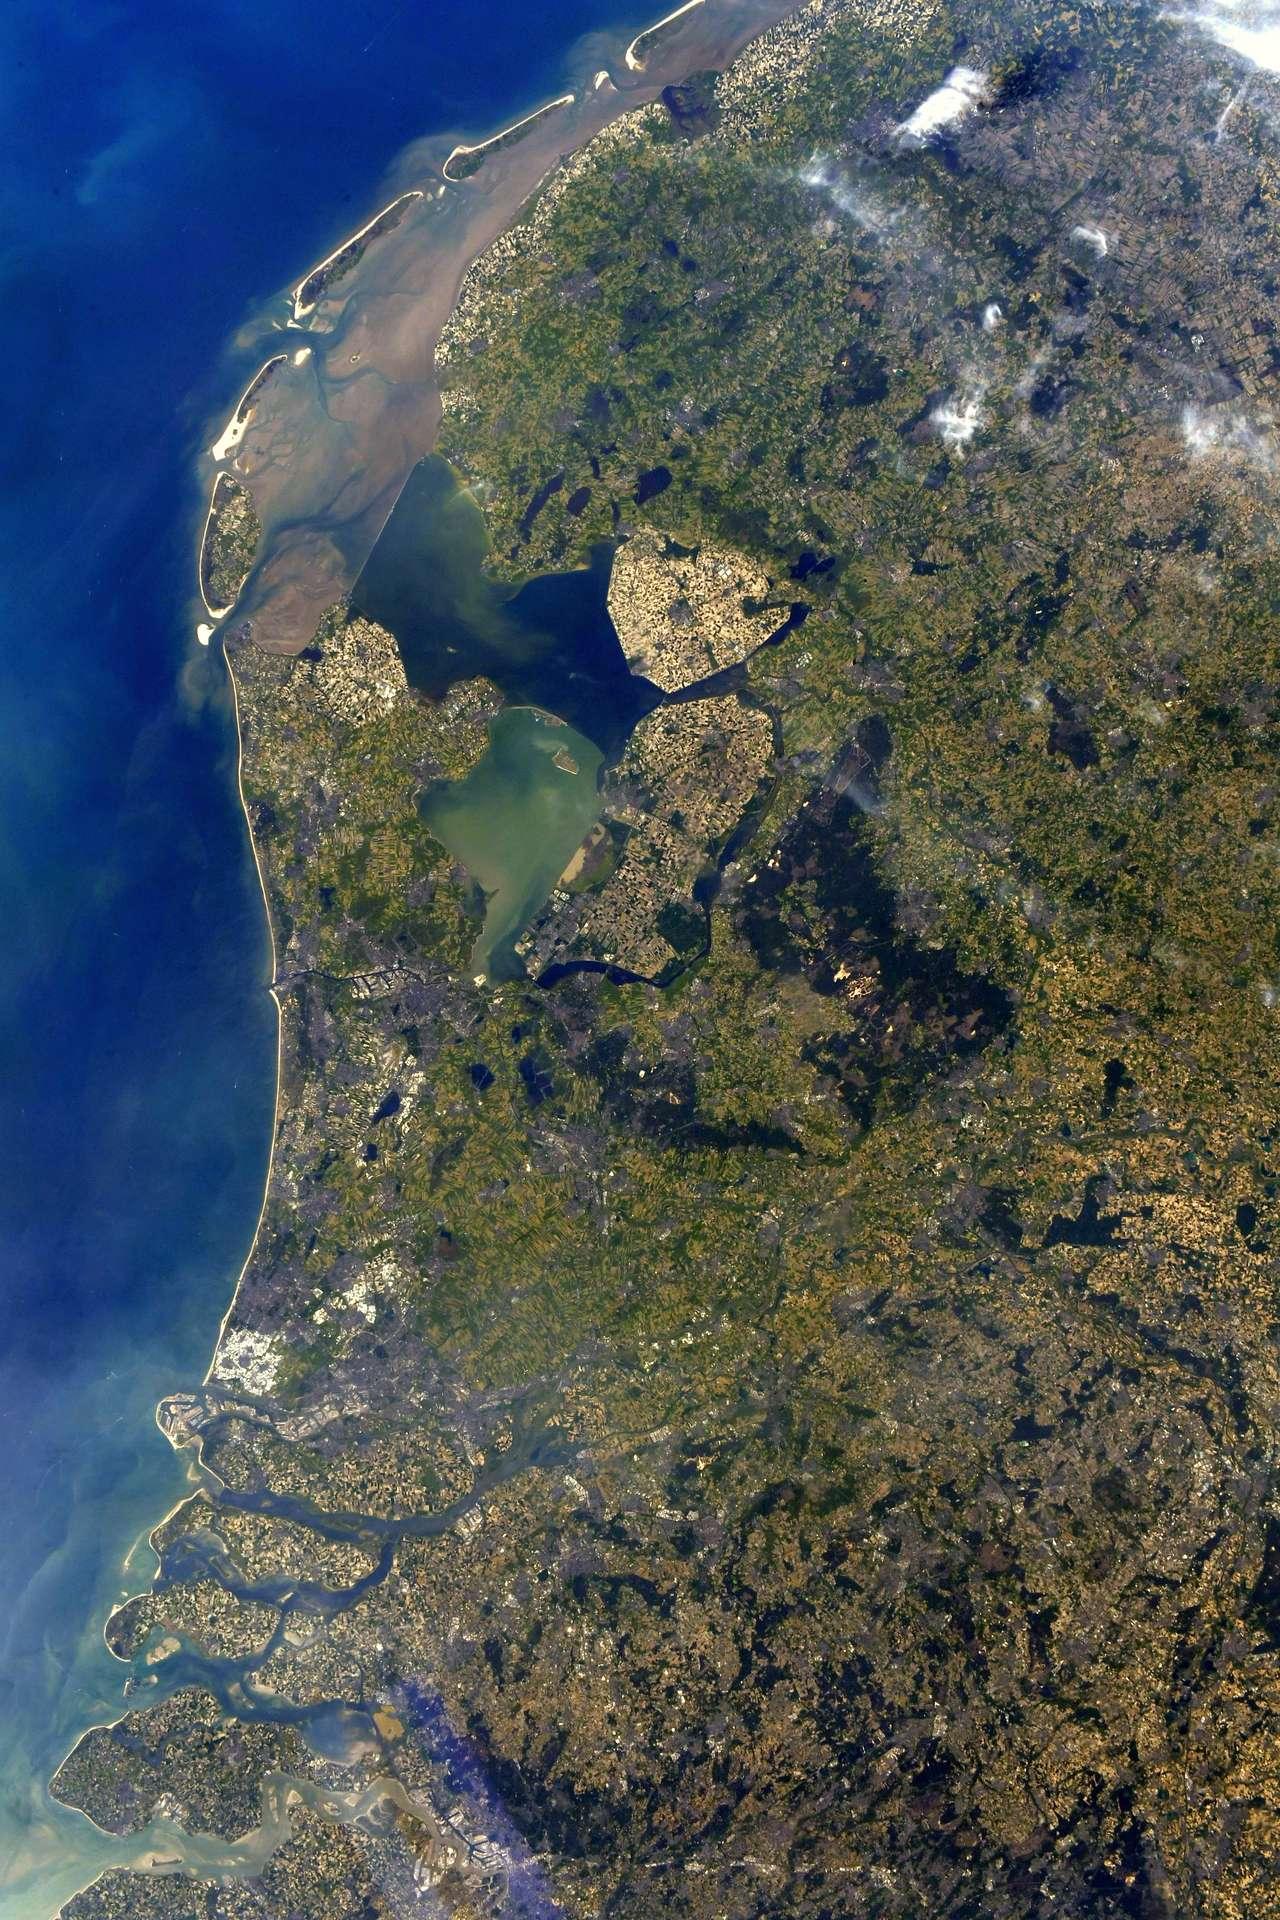 Un bout de territoire néerlandais, photographié par Thomas Pesquet en 2021. © ESA/Nasa, T. Pesquet